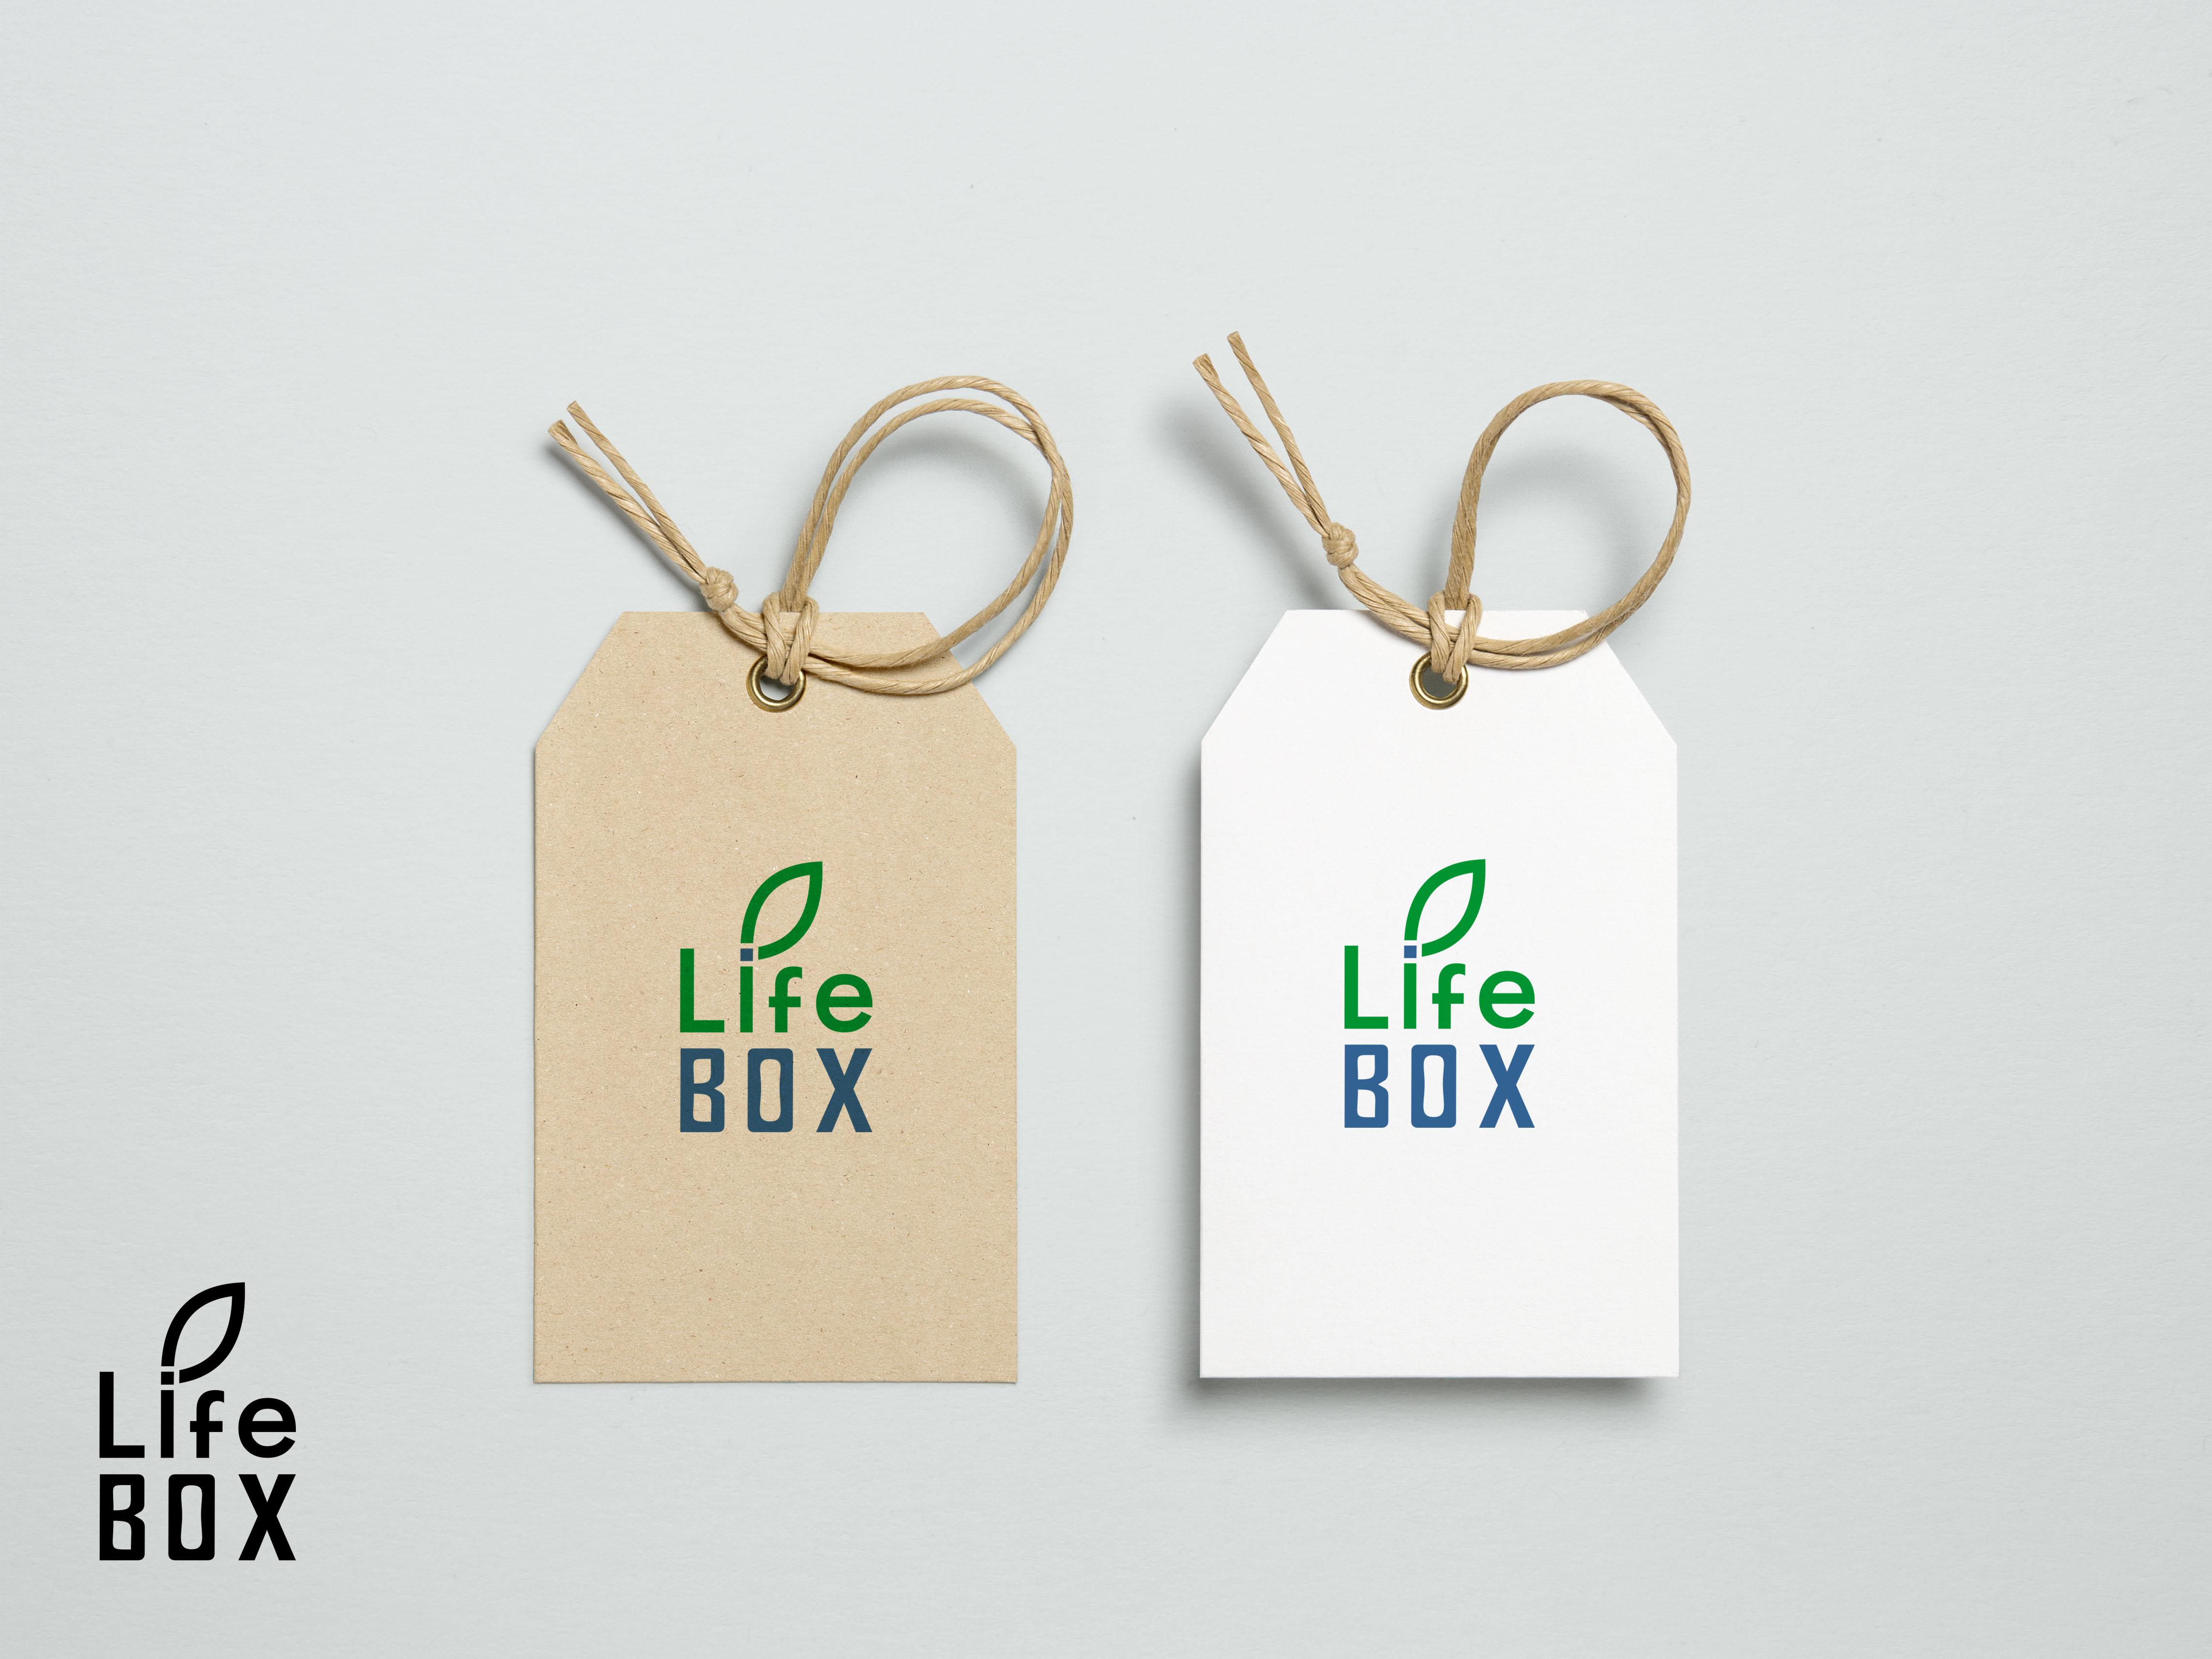 Разработка Логотипа. Победитель получит расширеный заказ  фото f_8725c259bcb16f32.jpg